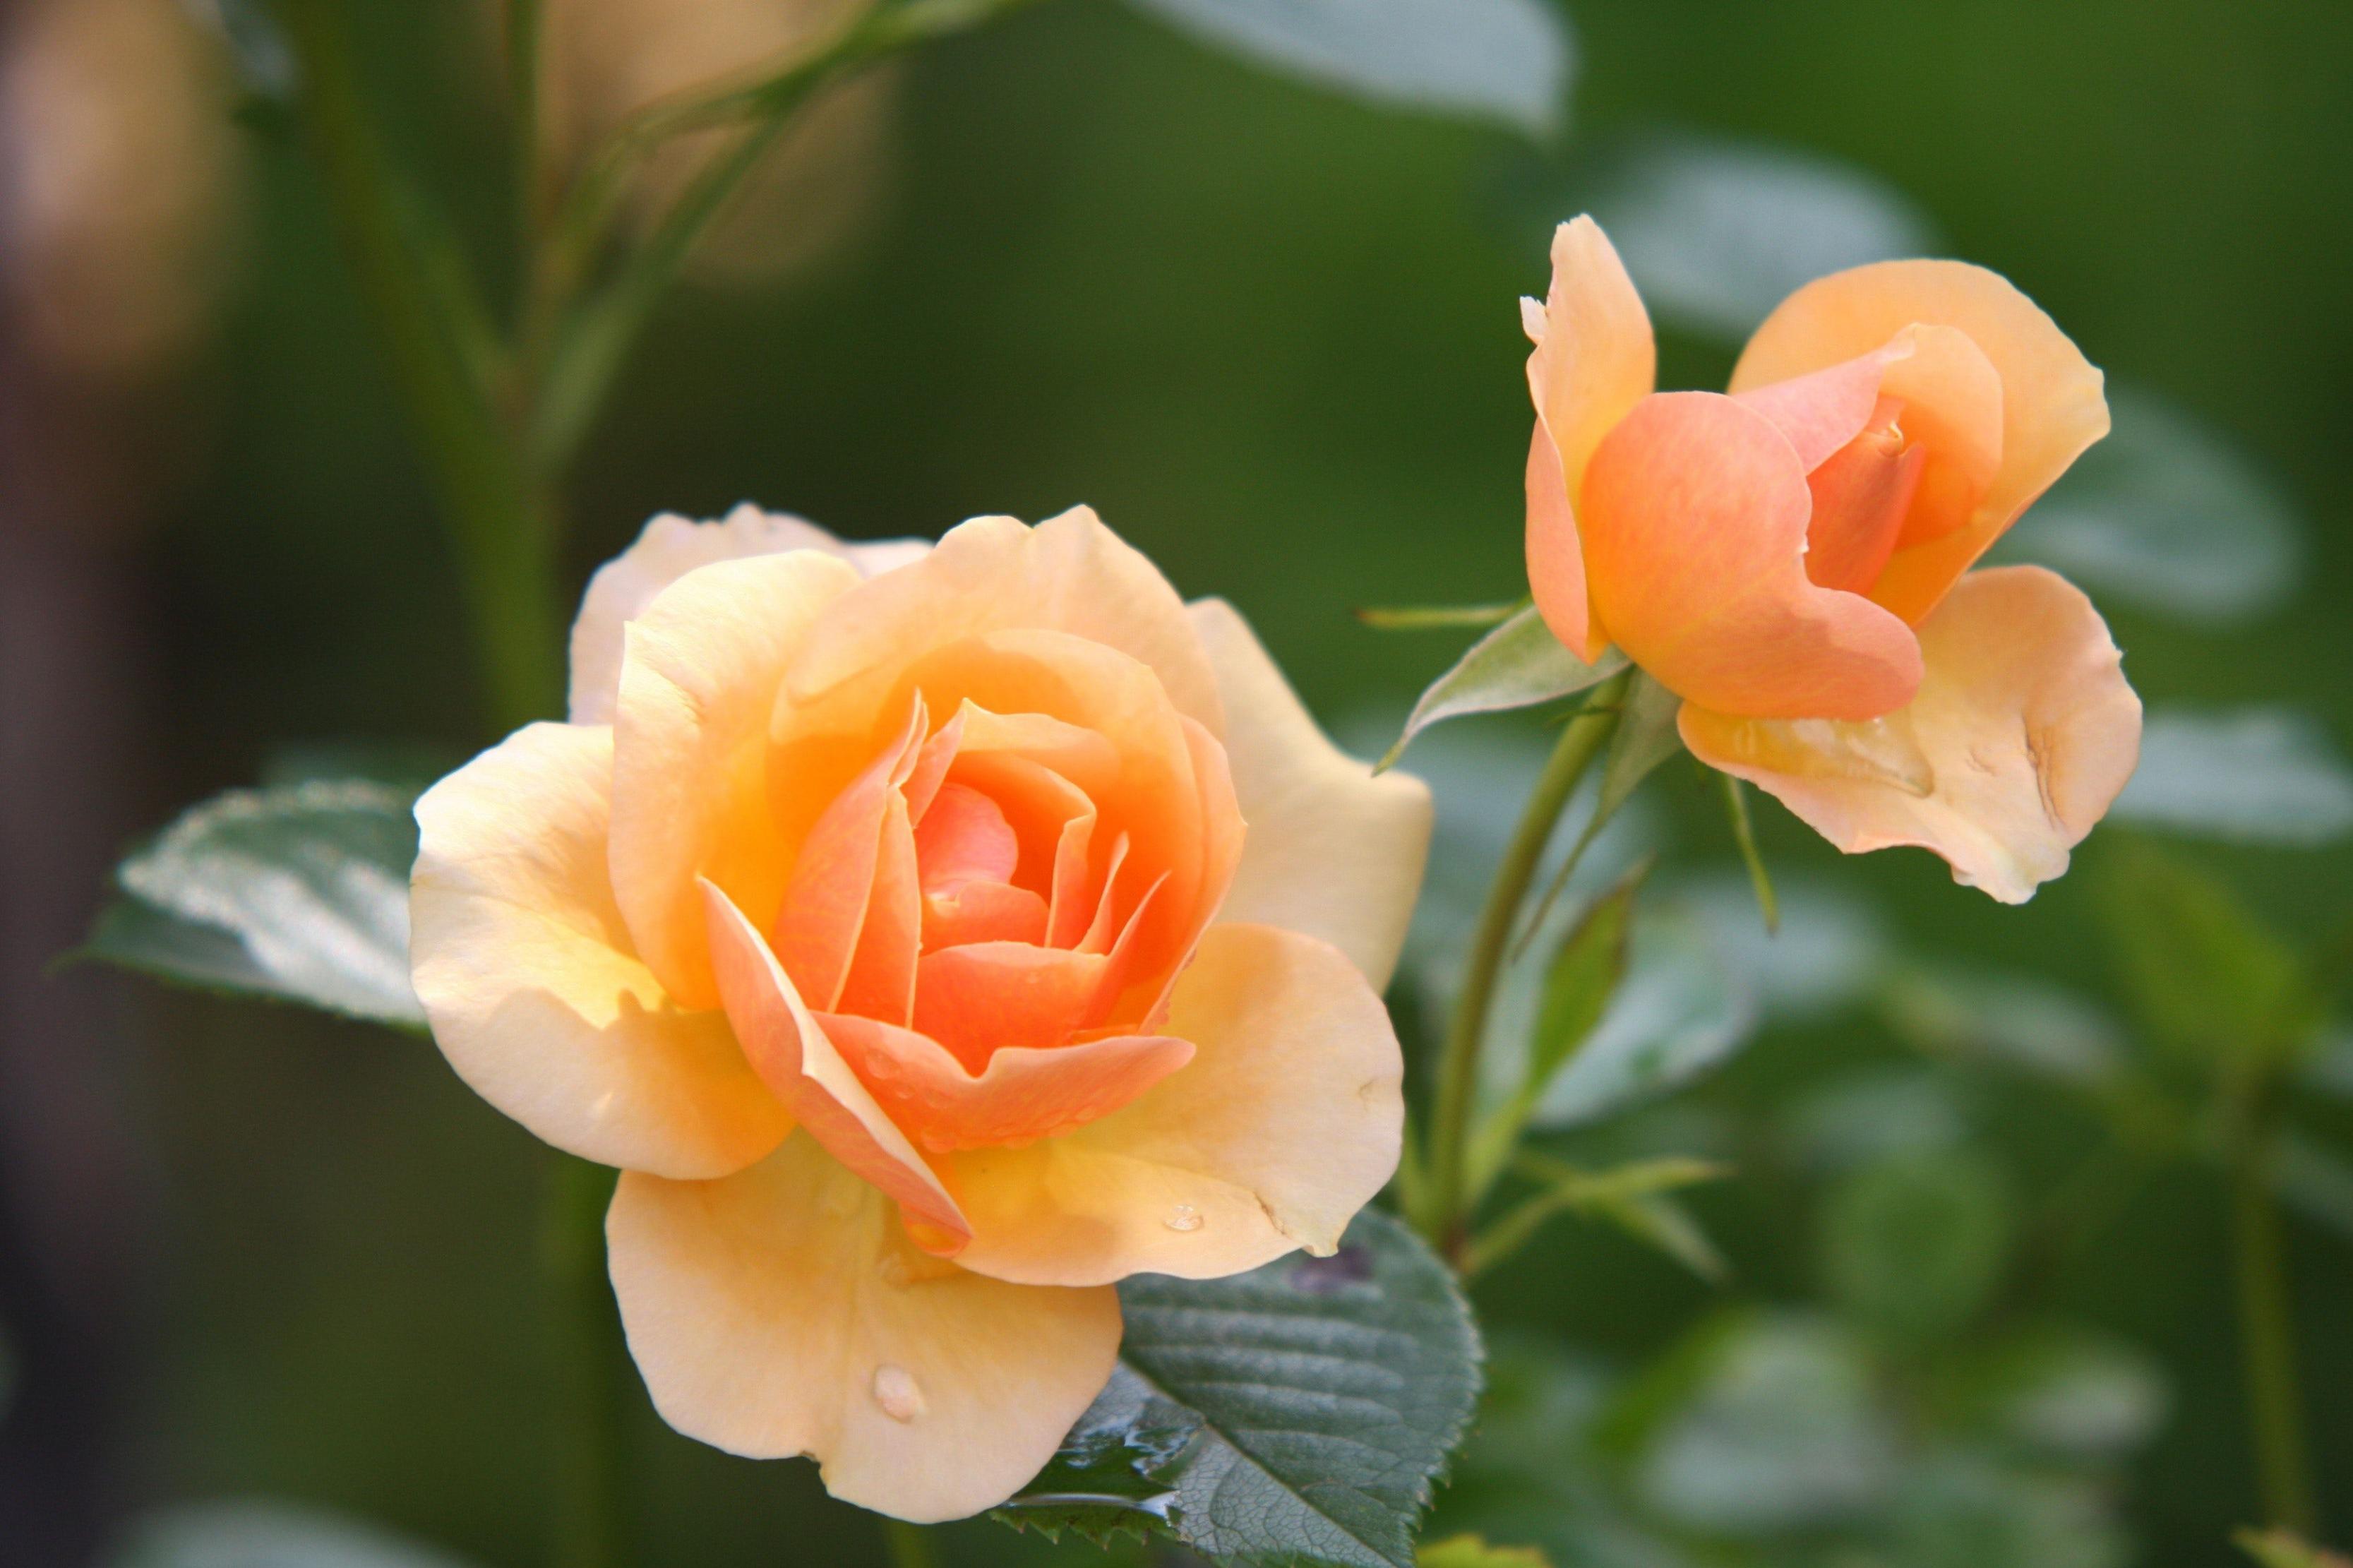 صورة صور اجمل الورود , صور ورد جميله ومميزه 2441